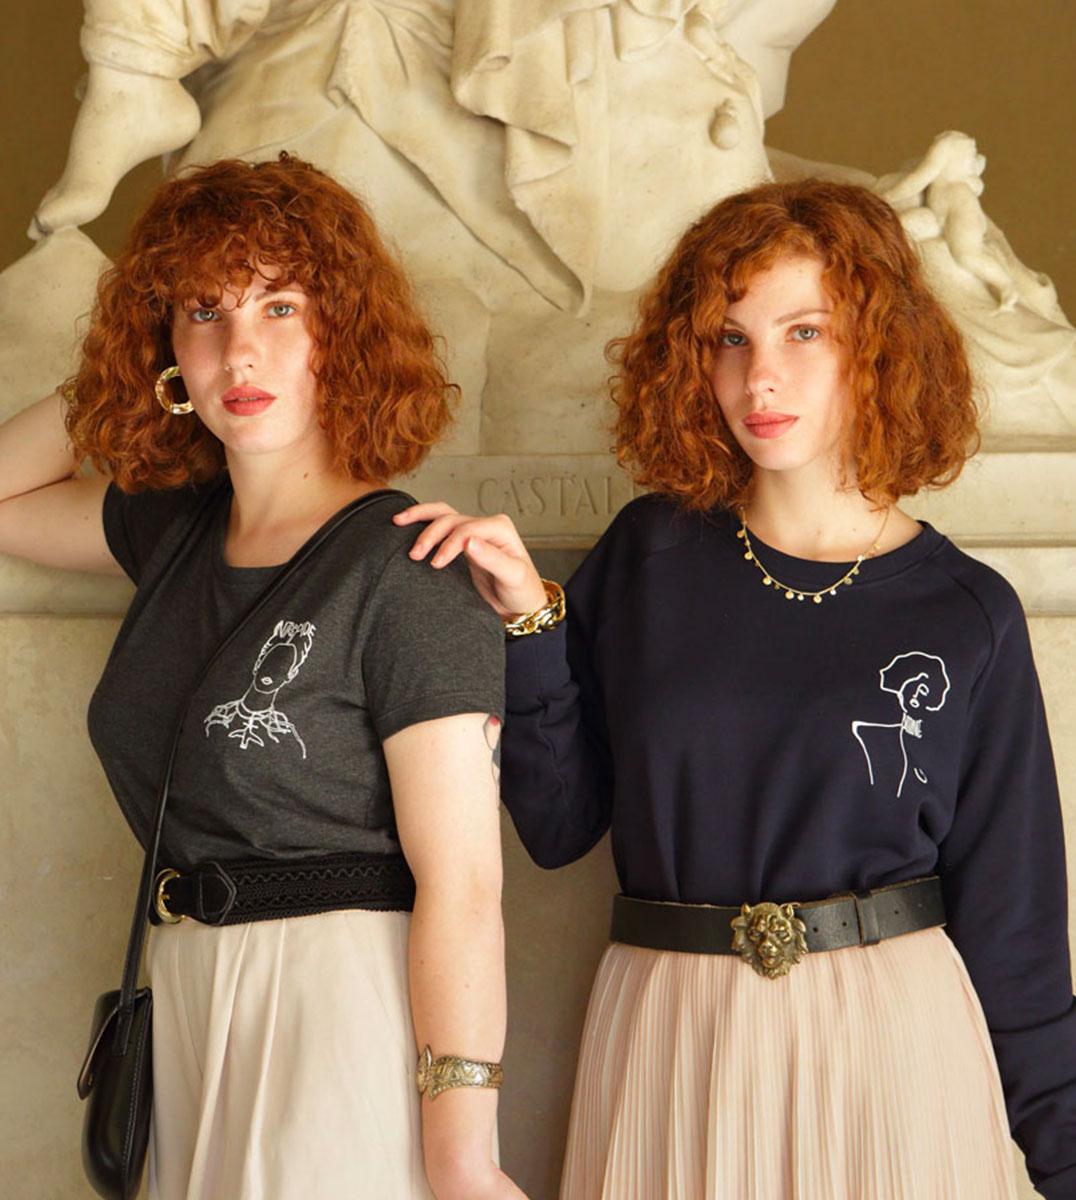 mannequins portant un tshirt qui représente Frida Kahlo, l'autre porte un sweatshirt qui représente une oeuvre de Gustav Klimt